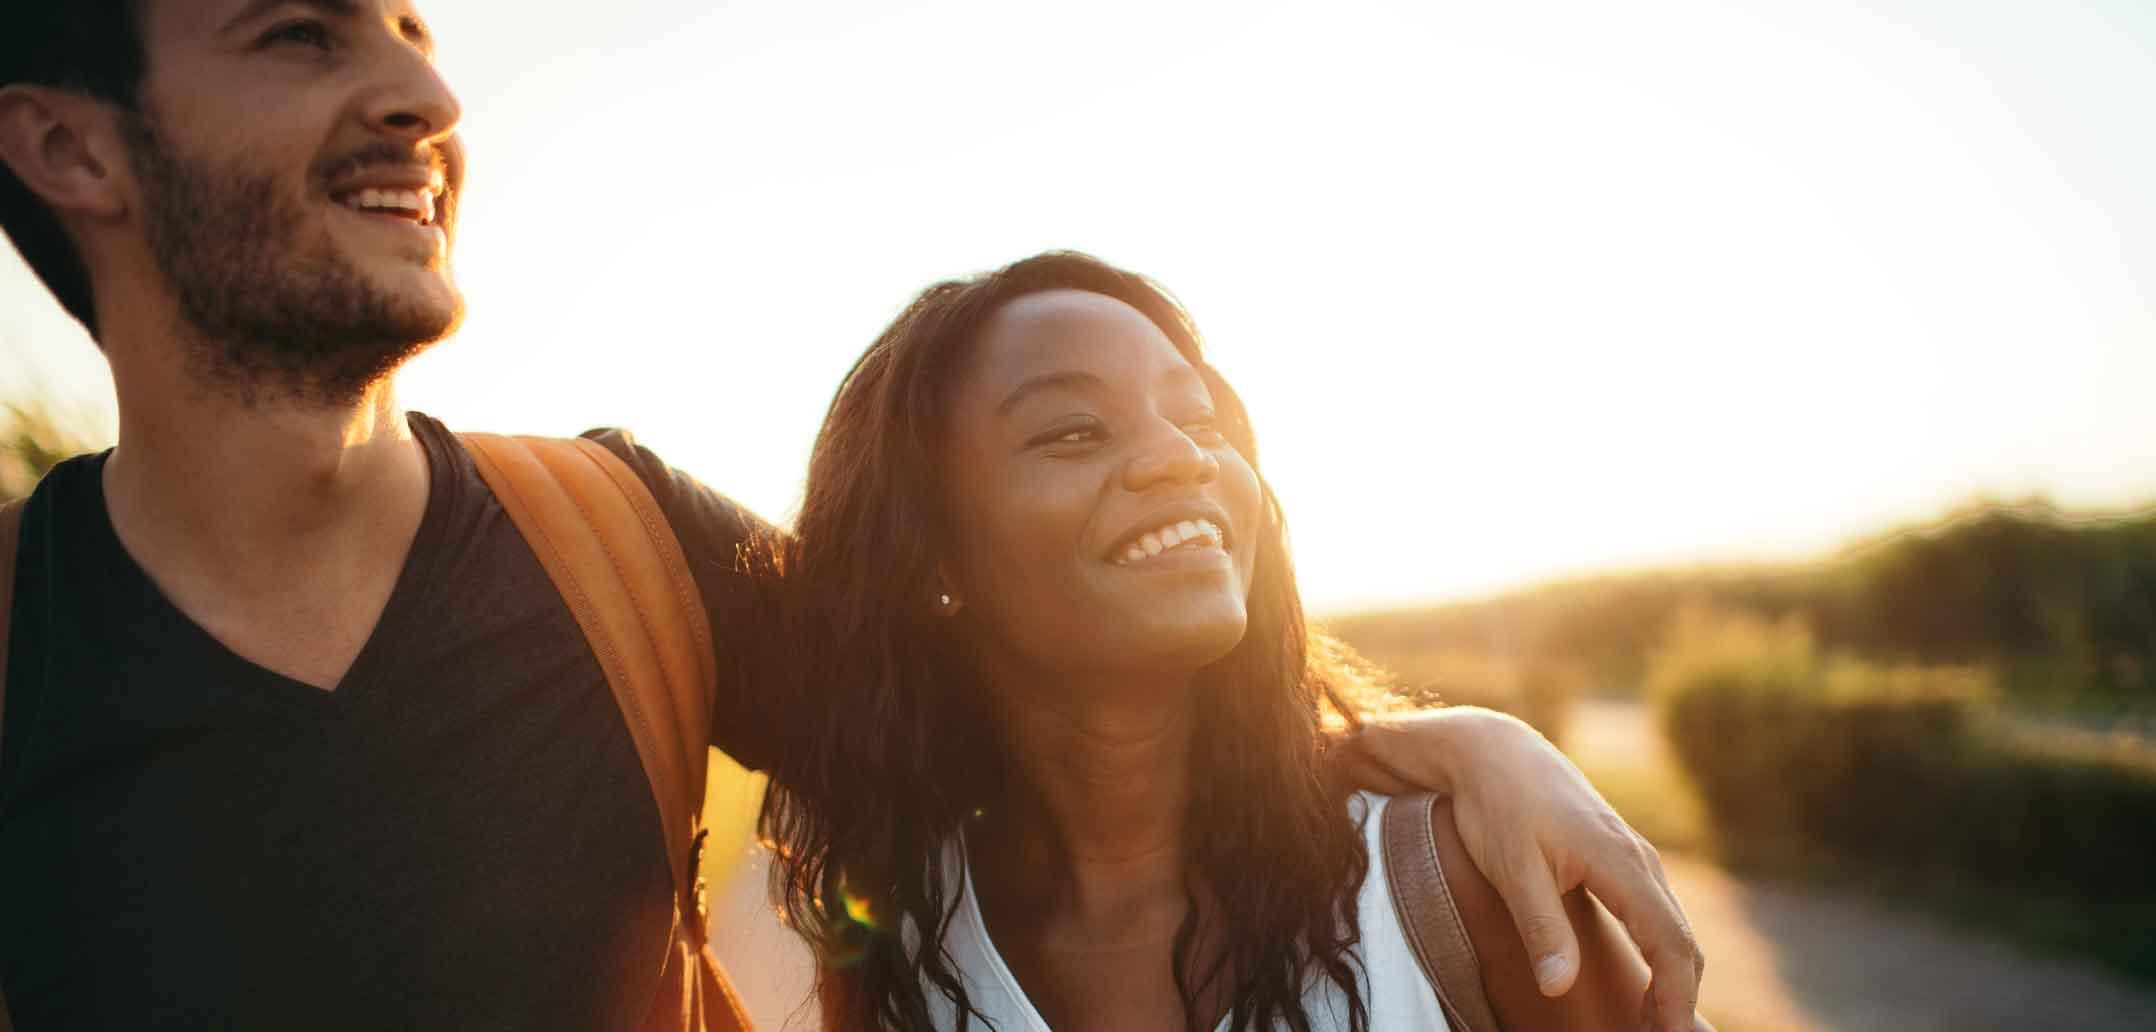 Diese Dinge sollten gegeben sein, damit die neue Beziehung glückt